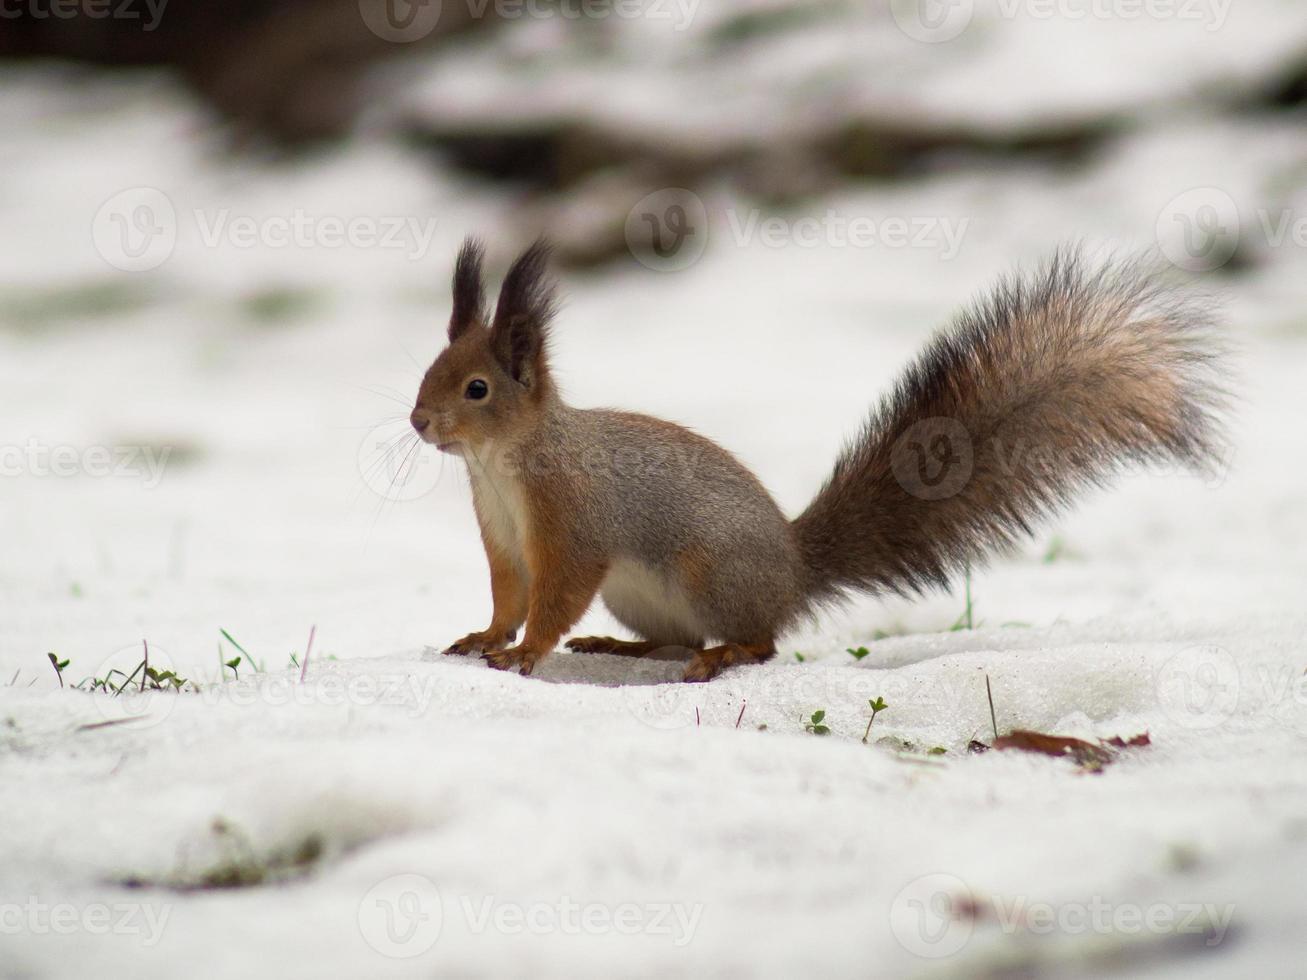 Eichhörnchen mit buschigem Schwanz sitzt auf dem Boden foto